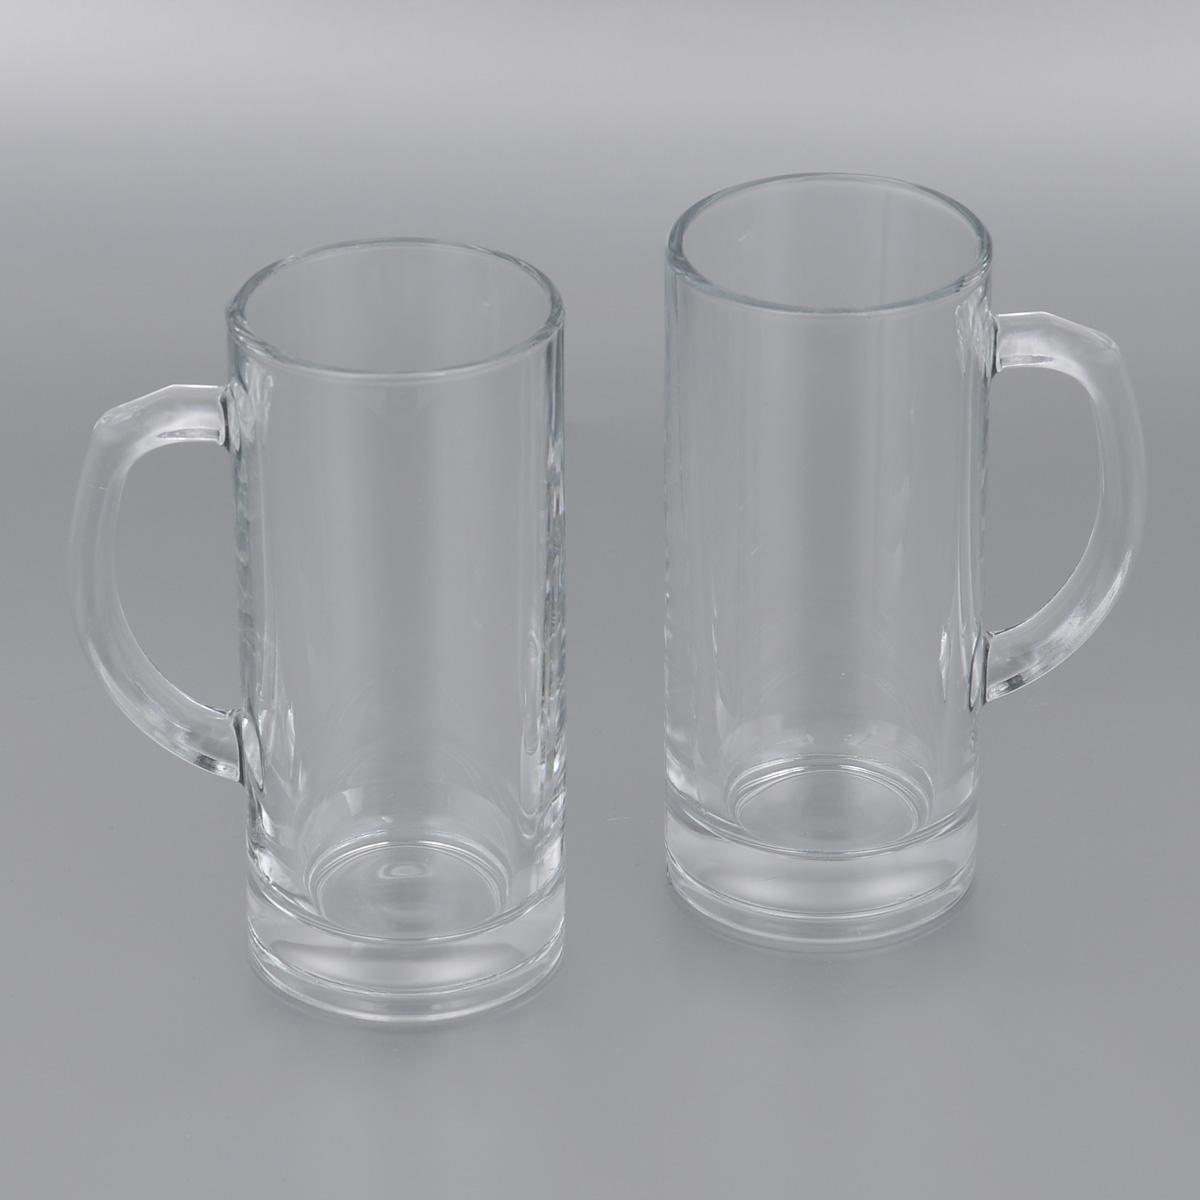 Набор пивных кружек Pasabahce Pub, 380 мл, 2 шт. 55439B68/5/3Набор Pasabahce Pub состоит из двух пивных кружек, выполненных из прочного натрий-кальций-силикатного стекла. Кружки оснащены удобными ручками и утолщенным дном. Такой набор прекрасно подойдет для любителей пенного напитка.Можно мыть в посудомоечной машине и использовать в микроволновой печи.Высота кружки: 16,5 см.Диаметр кружки (по верхнему краю): 7 см.380 мл